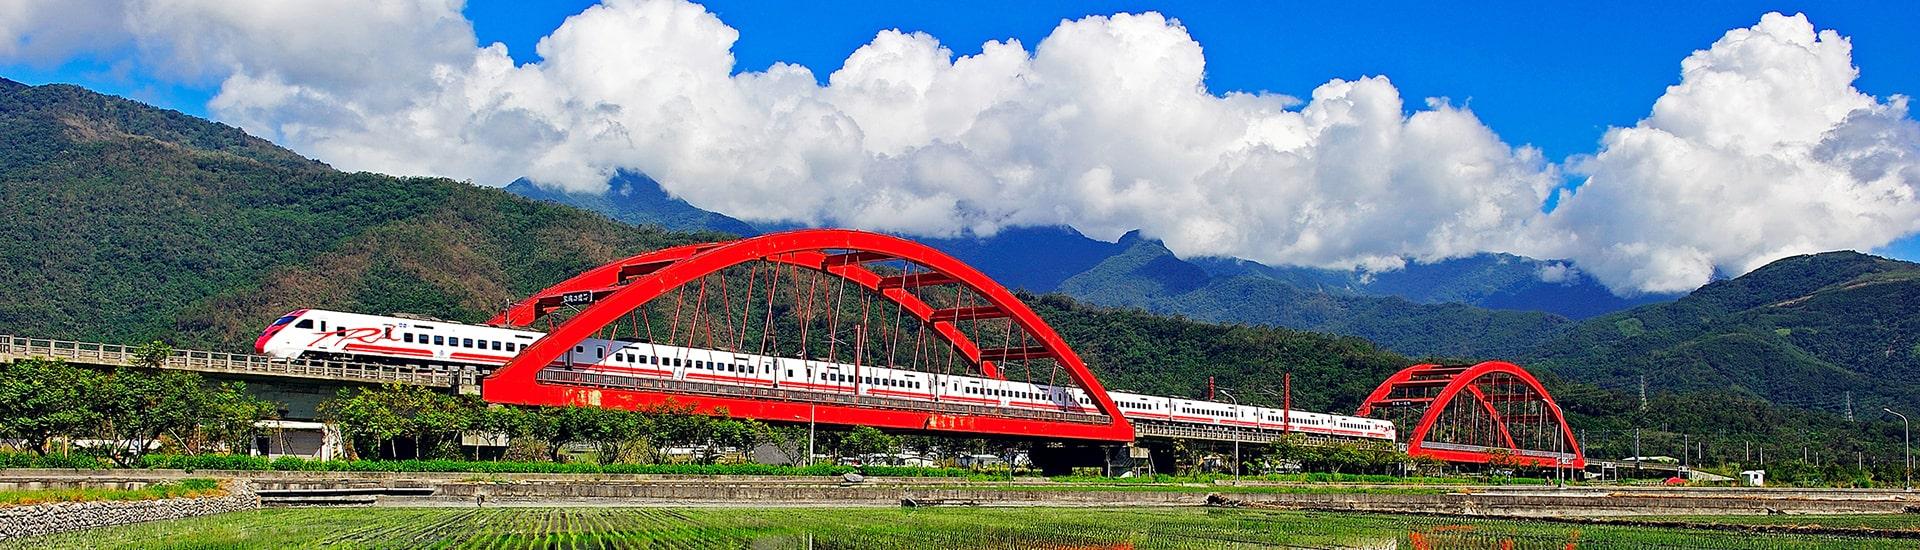 Puente Kecheng